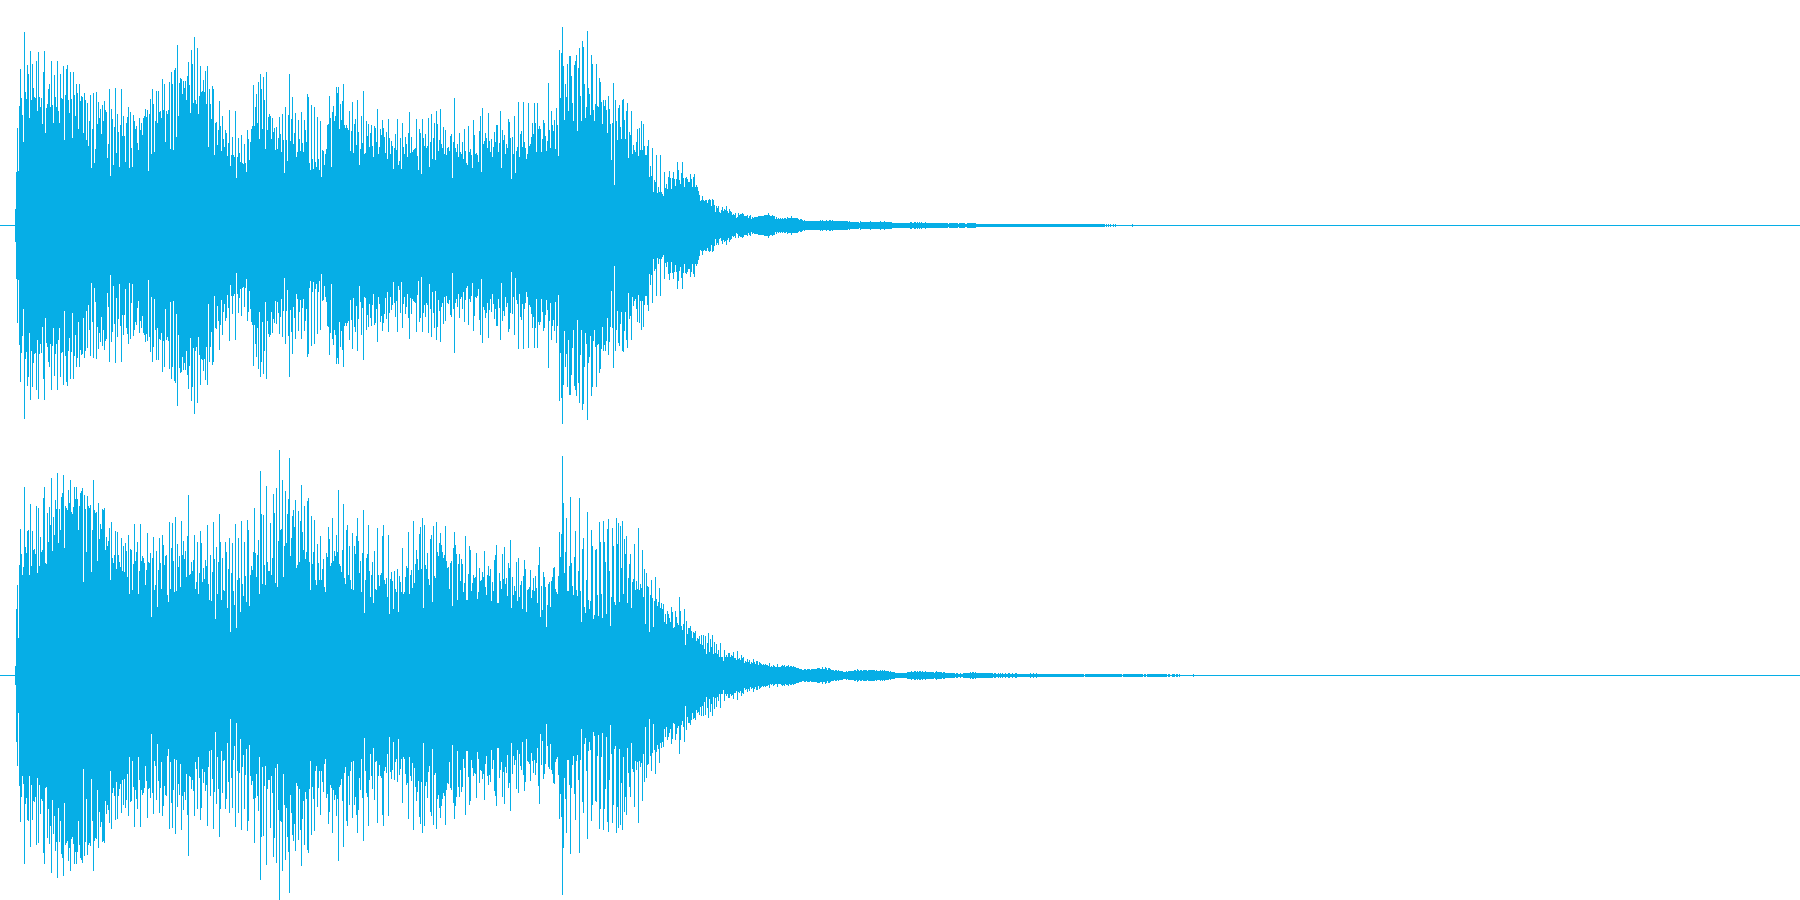 アイドルをイメージしたジングル 2小節Aの再生済みの波形